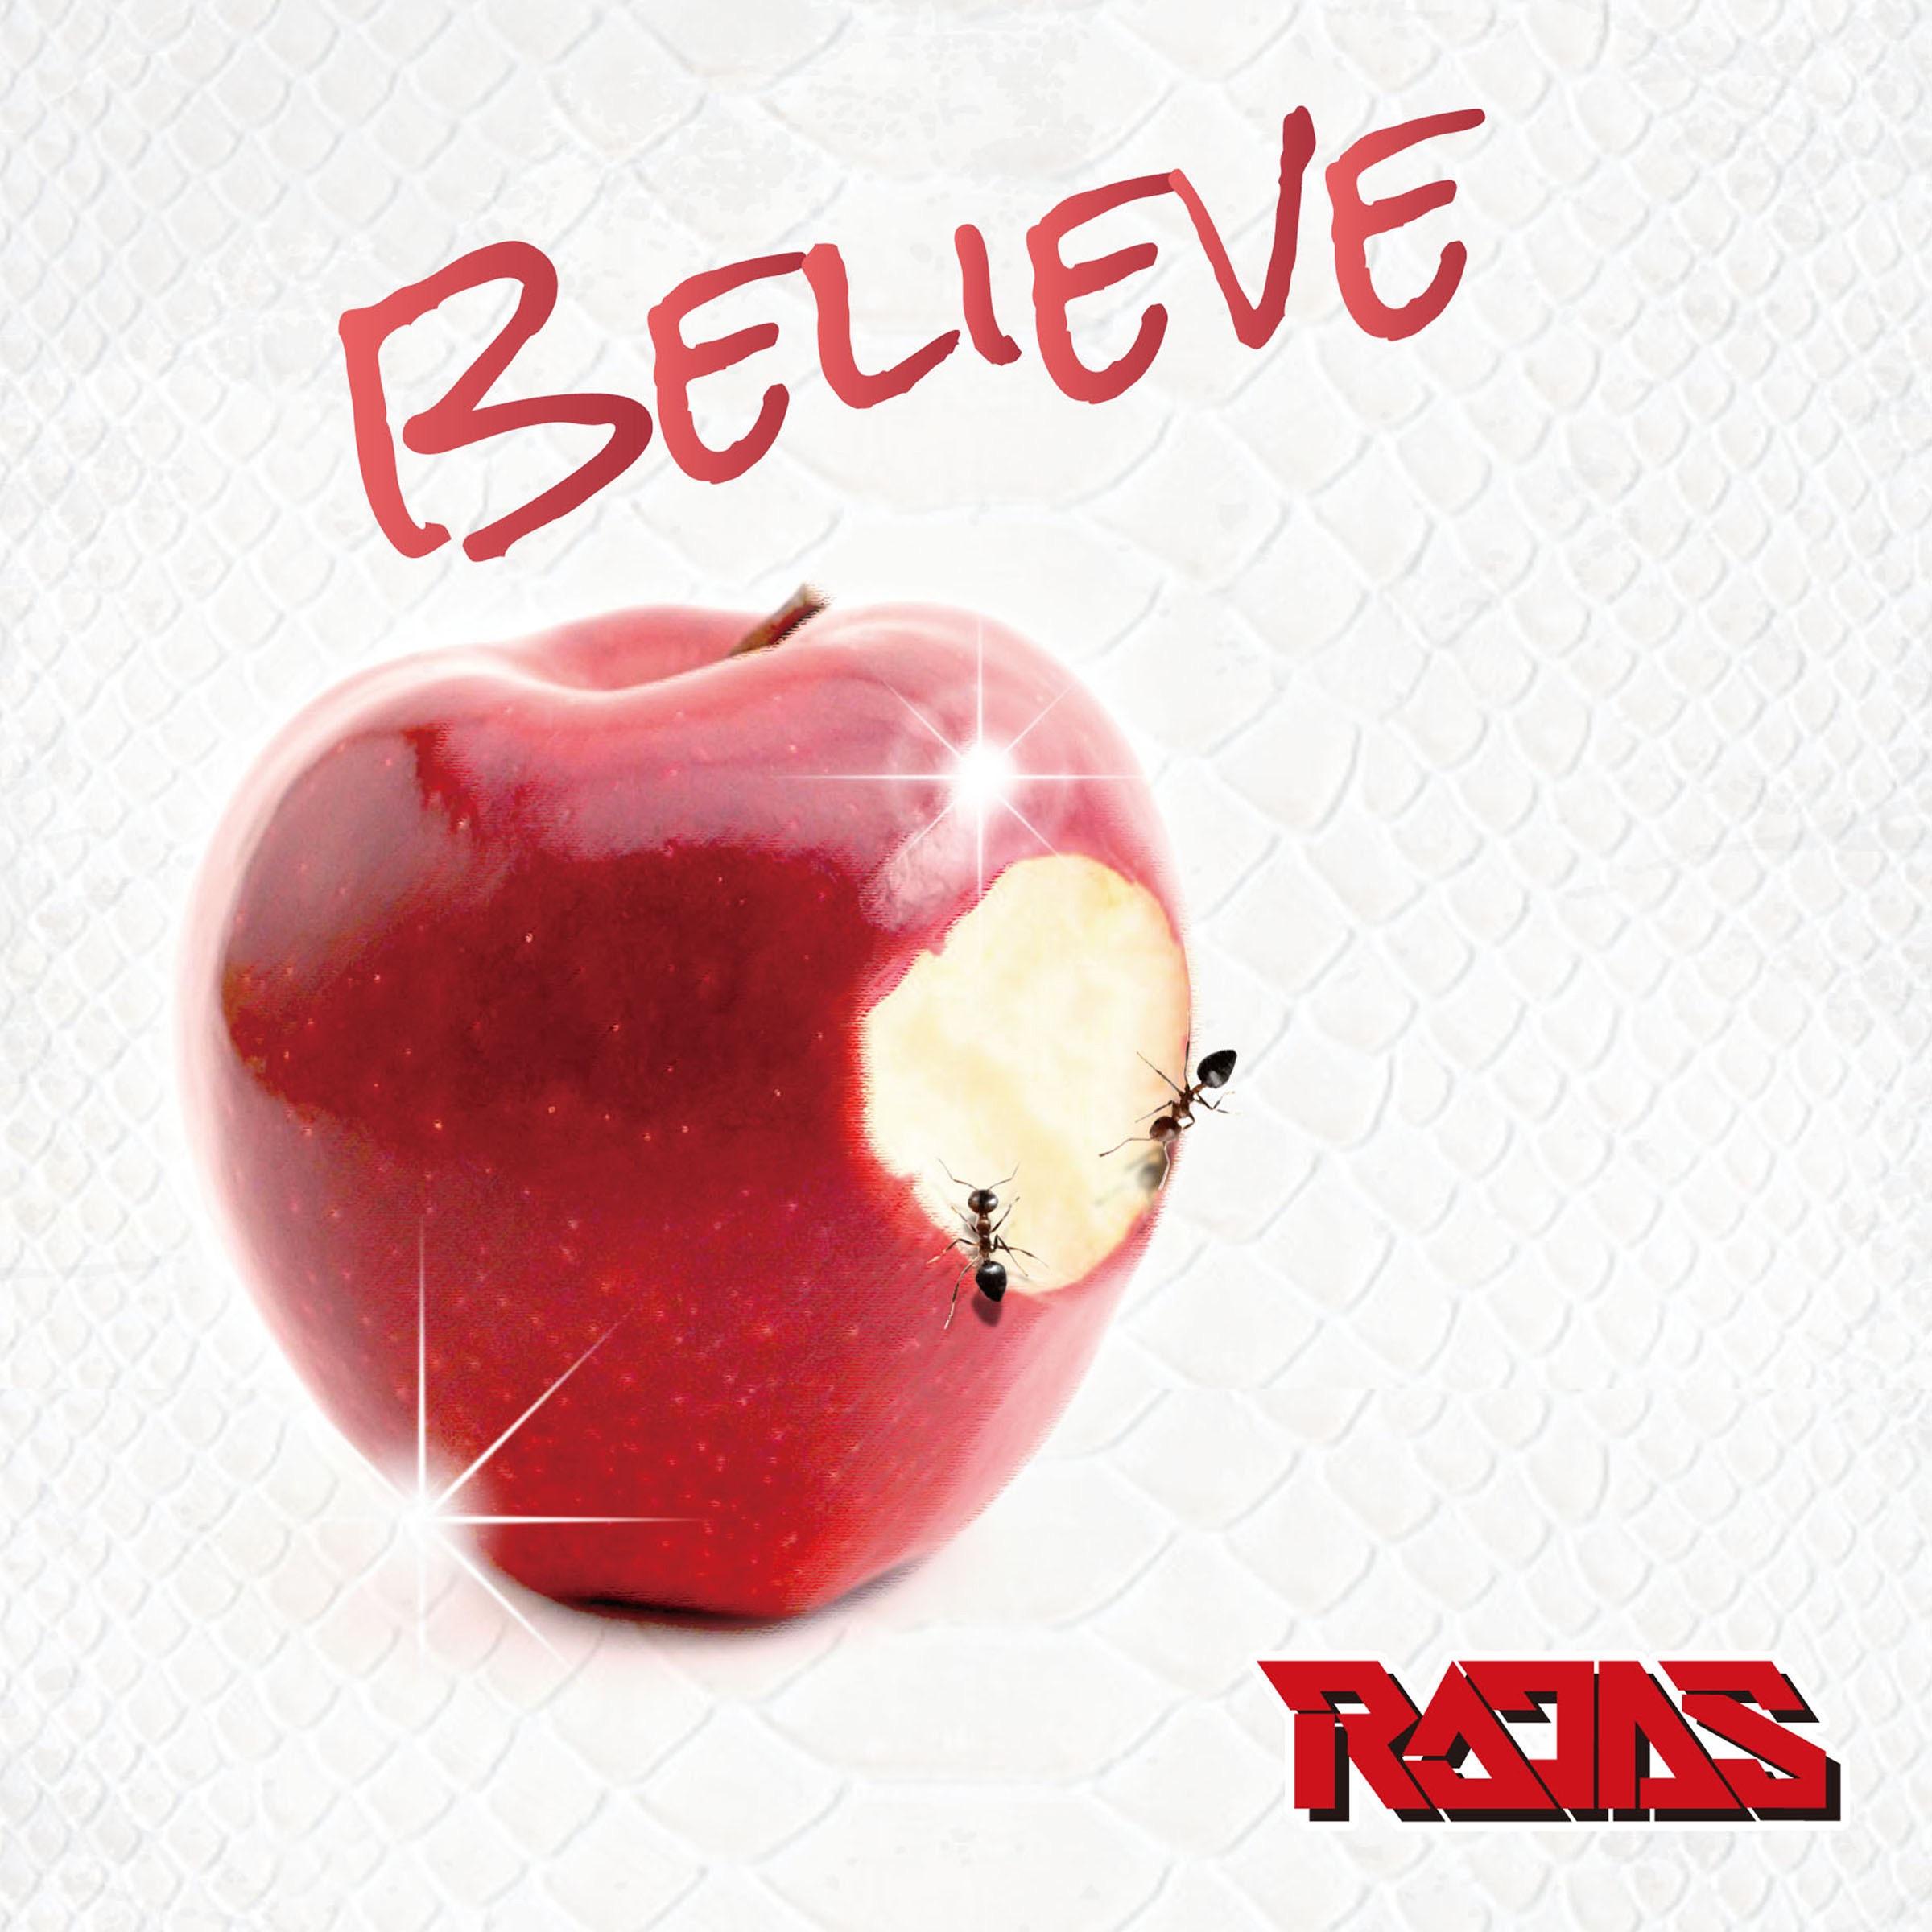 Download album: Believe - EP - artist Rajas: Rock,Music